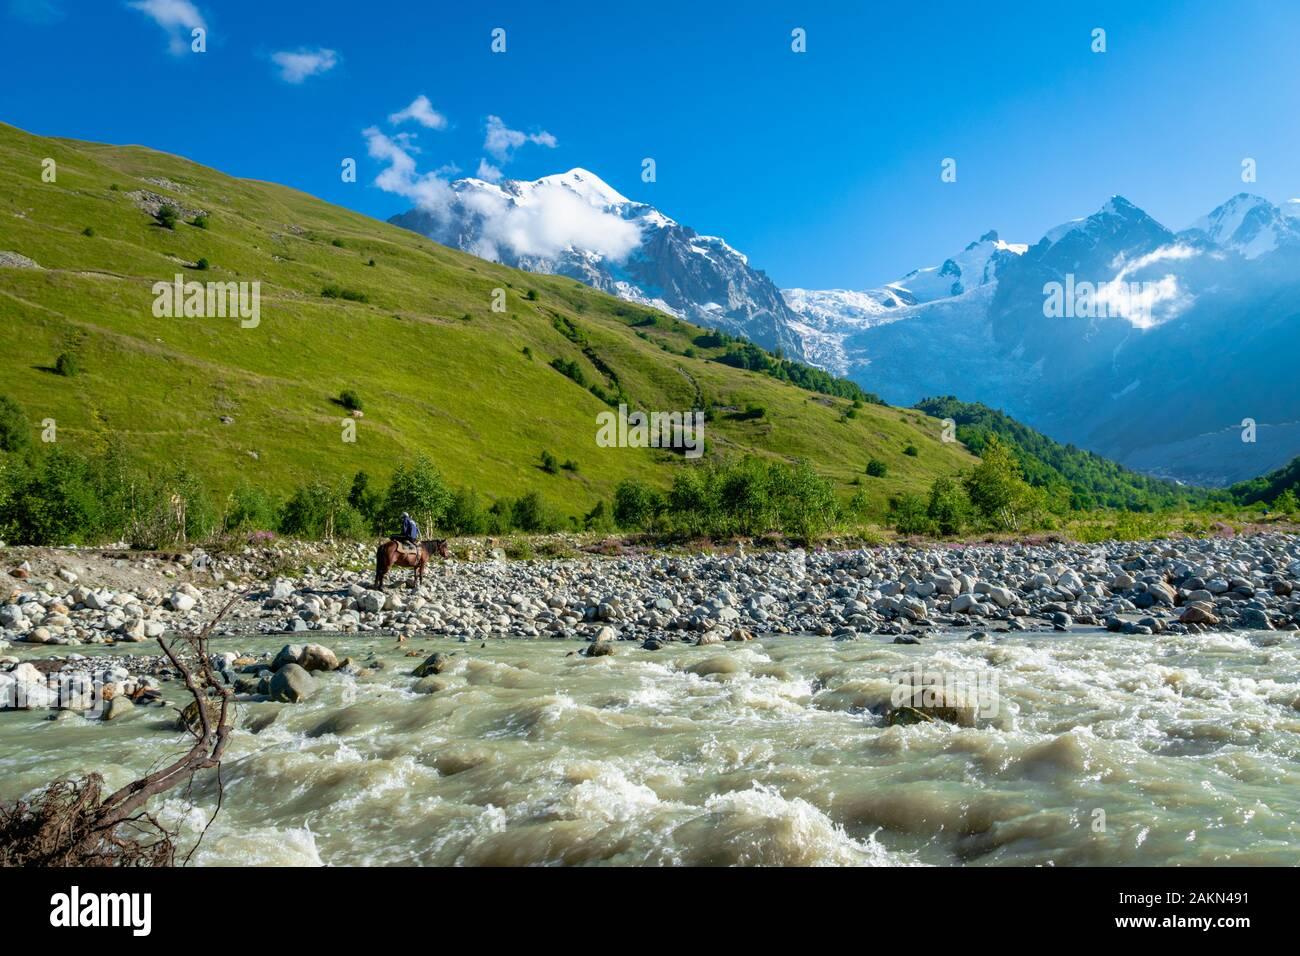 Svaneti paisaje con montañas y el río, en la ruta de trekking y senderismo cerca de Mestia, municipio en región de Svaneti, Georgia. Foto de stock